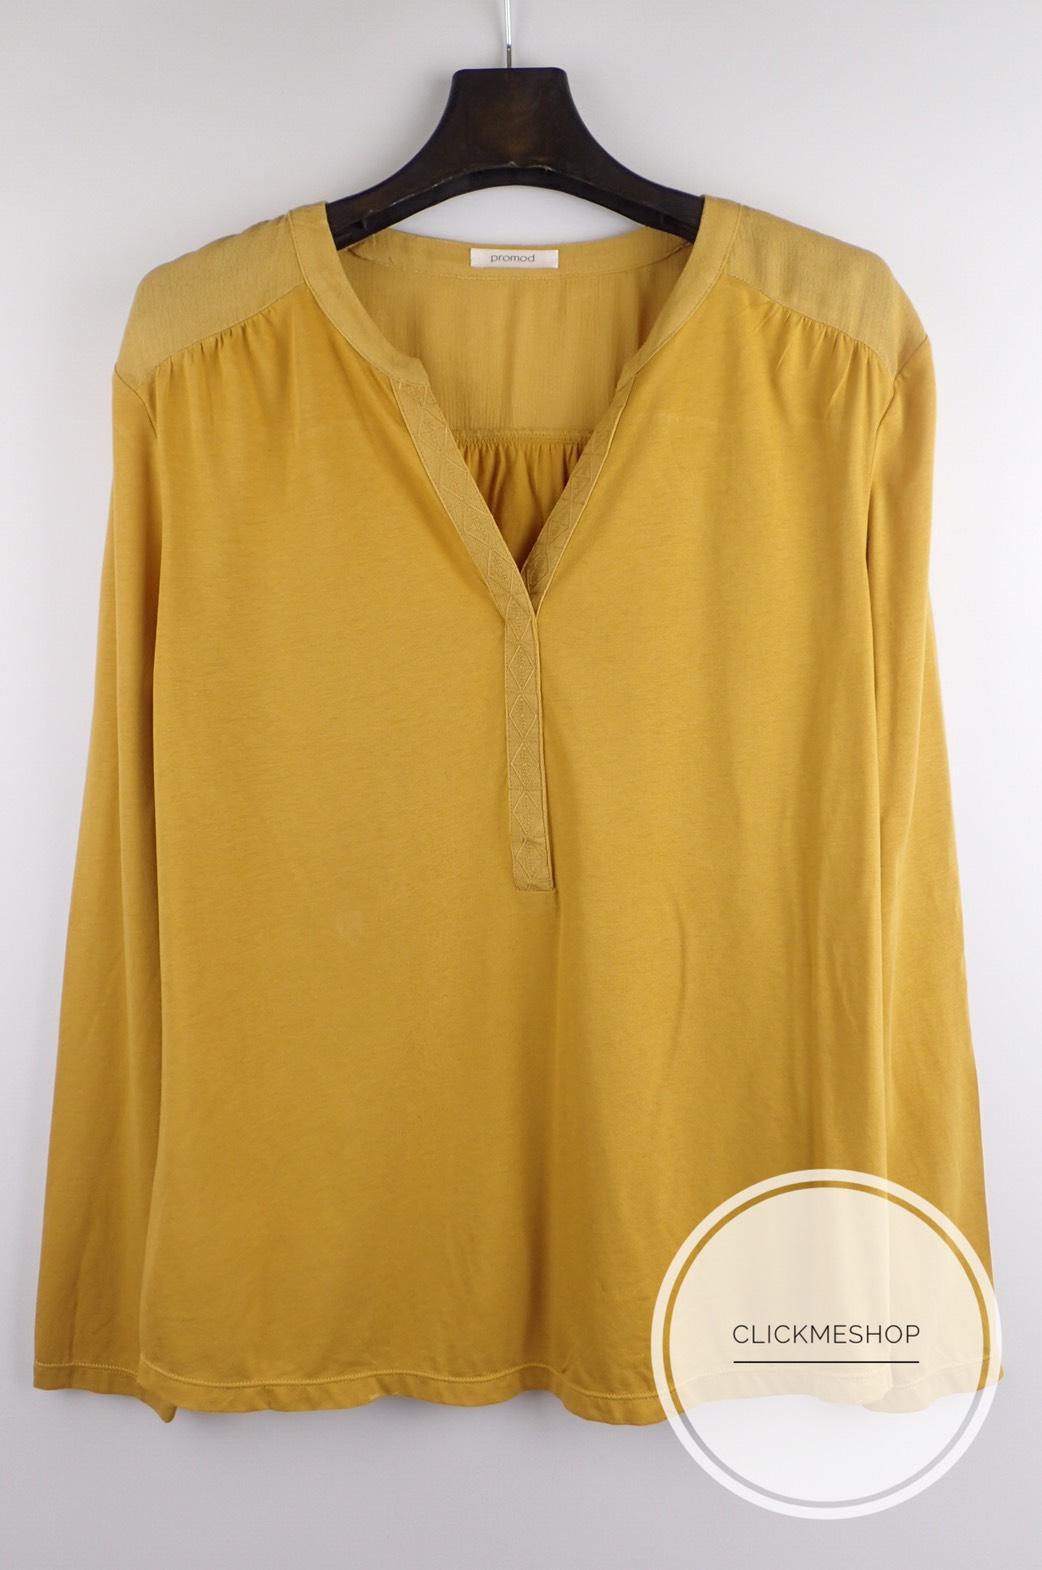 (ไซส์ L หน้าอก 40-42 นิ้ว ) เสื้อยืดแขนยาว สีมัสตาด ยี่ห้อ Promod ผ้านิ่มๆ คอจีนแต่งลายที่คอ